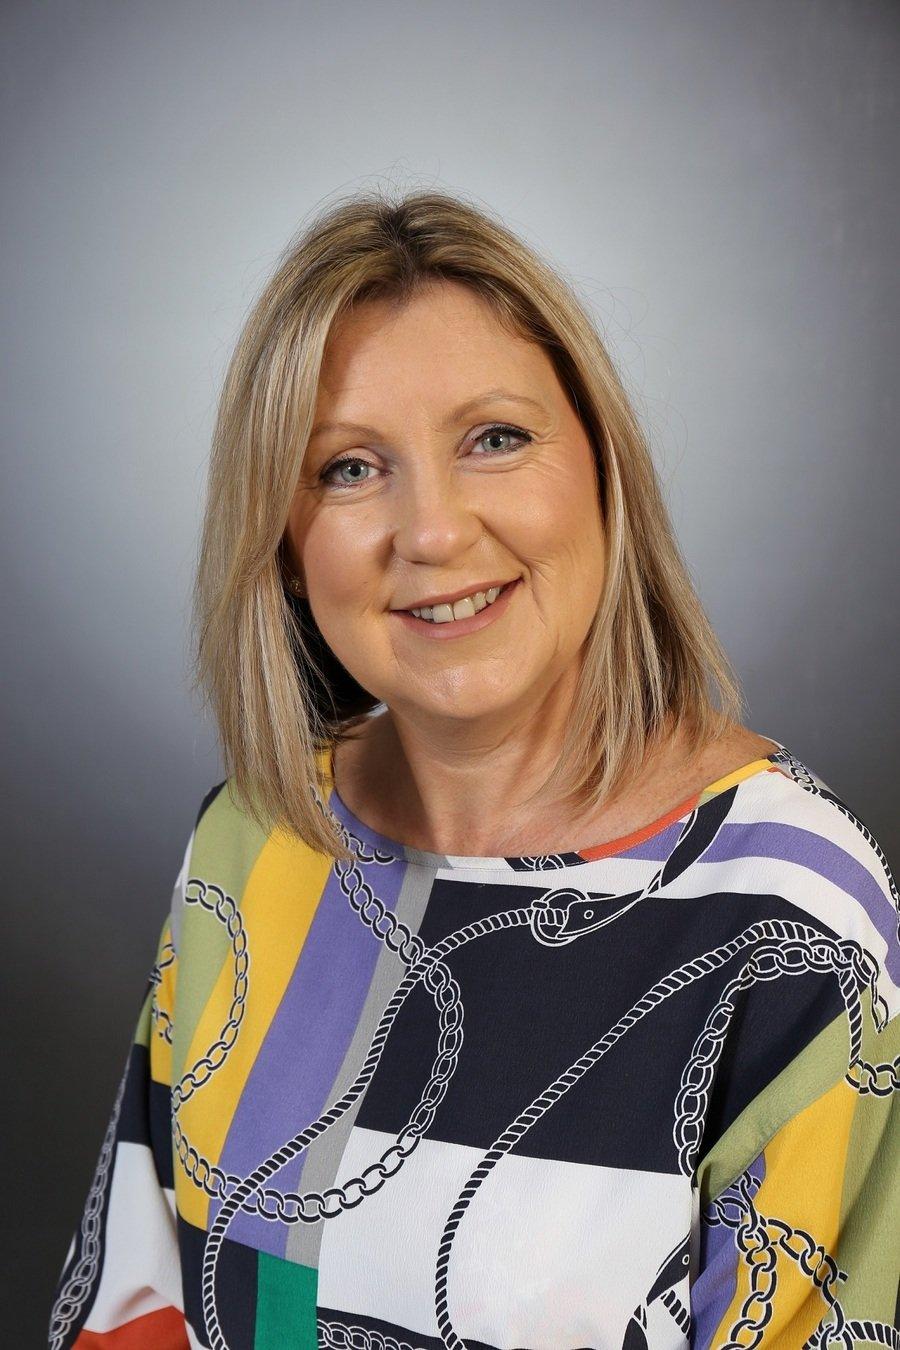 Jill Hilton - HR/Operational Effectiveness Manager